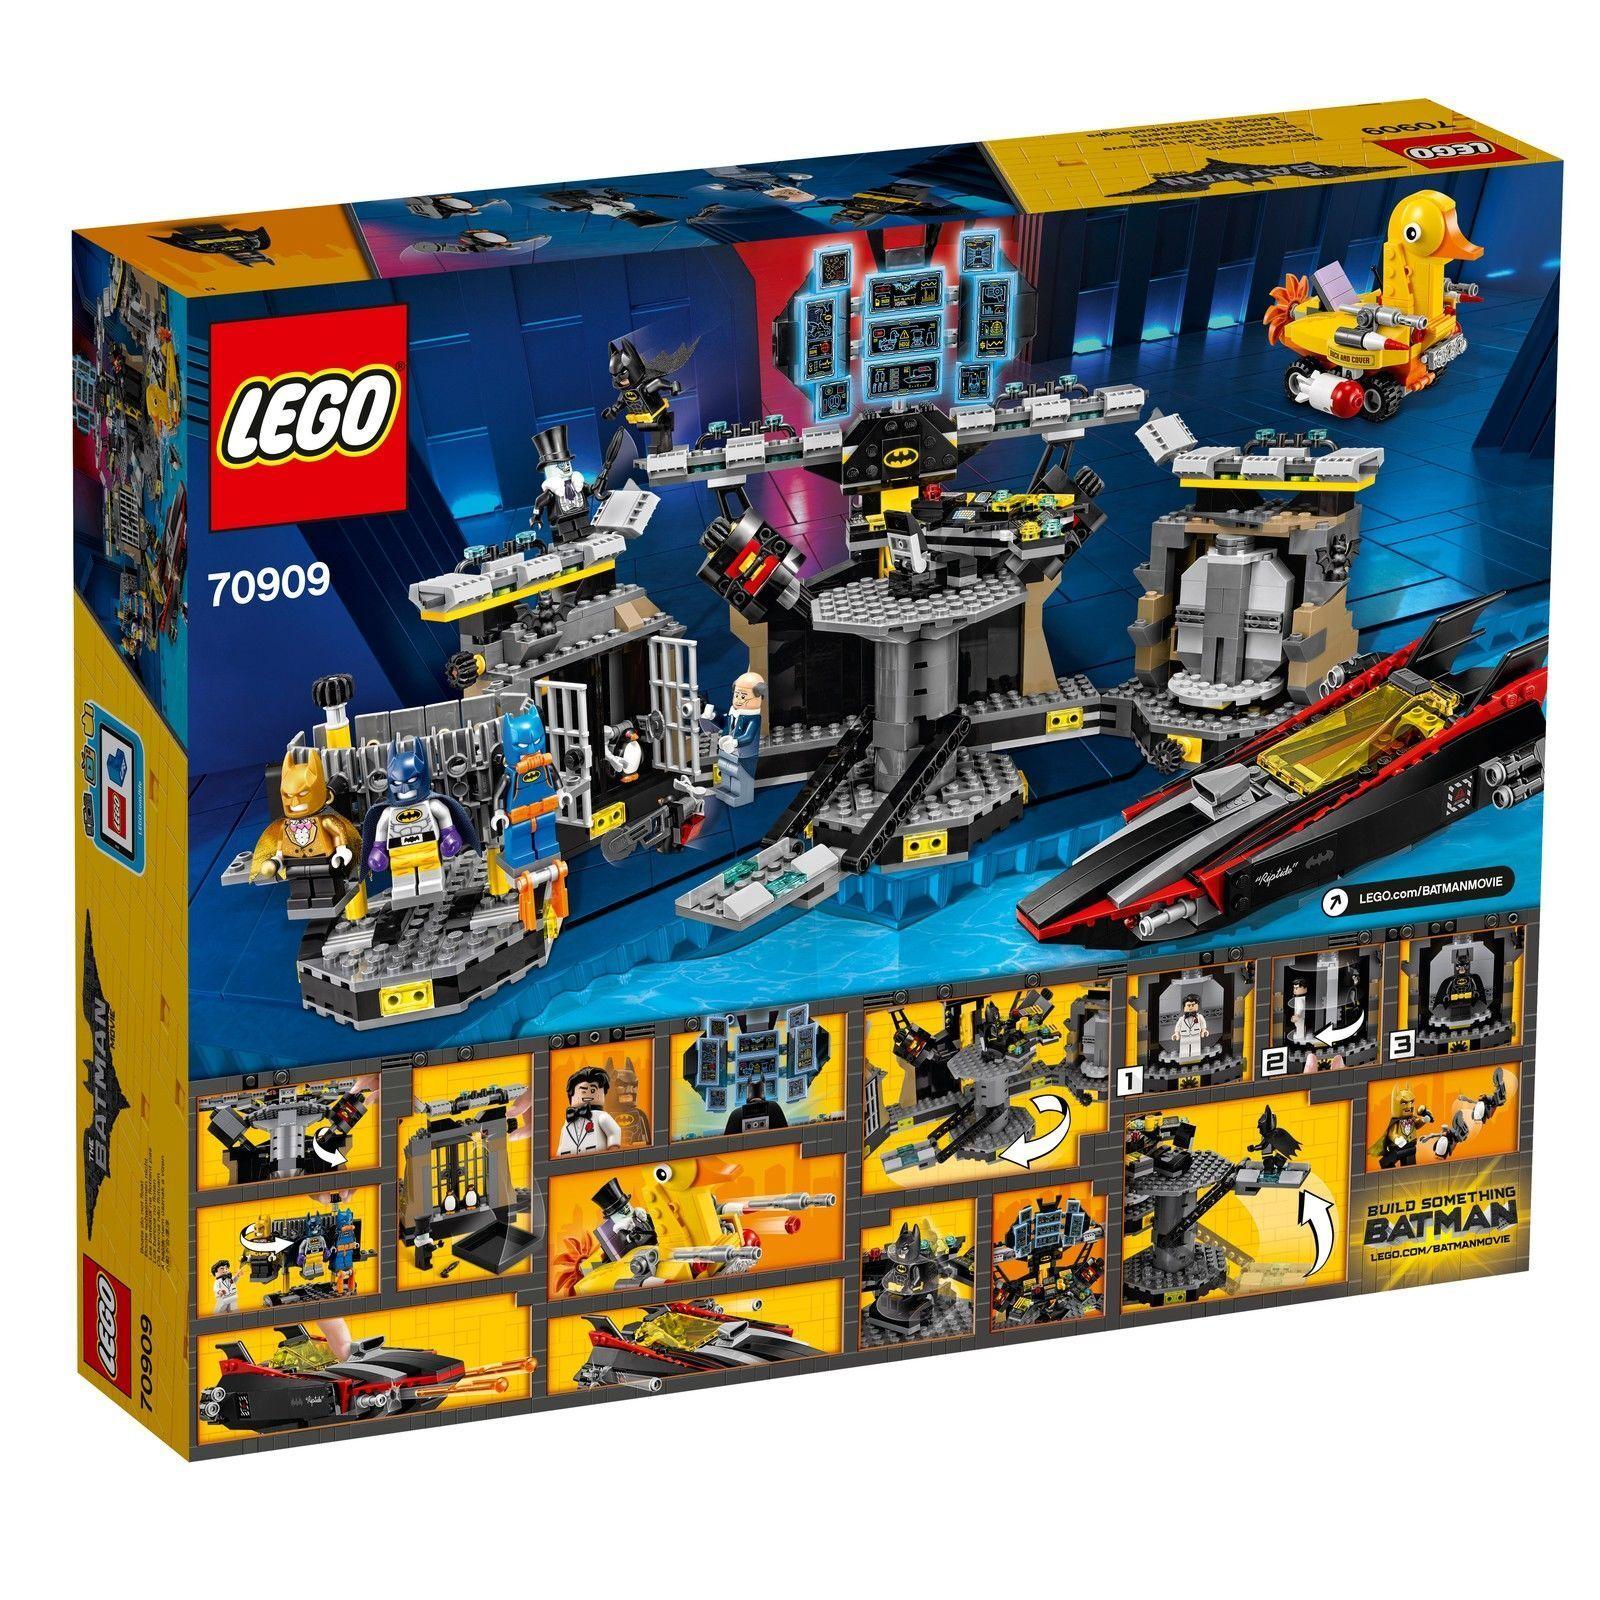 Lego ® the Lego ® Bathomme Movie  70909 Batcave-Break-BRAND nouveau SEALED  détaillants en ligne